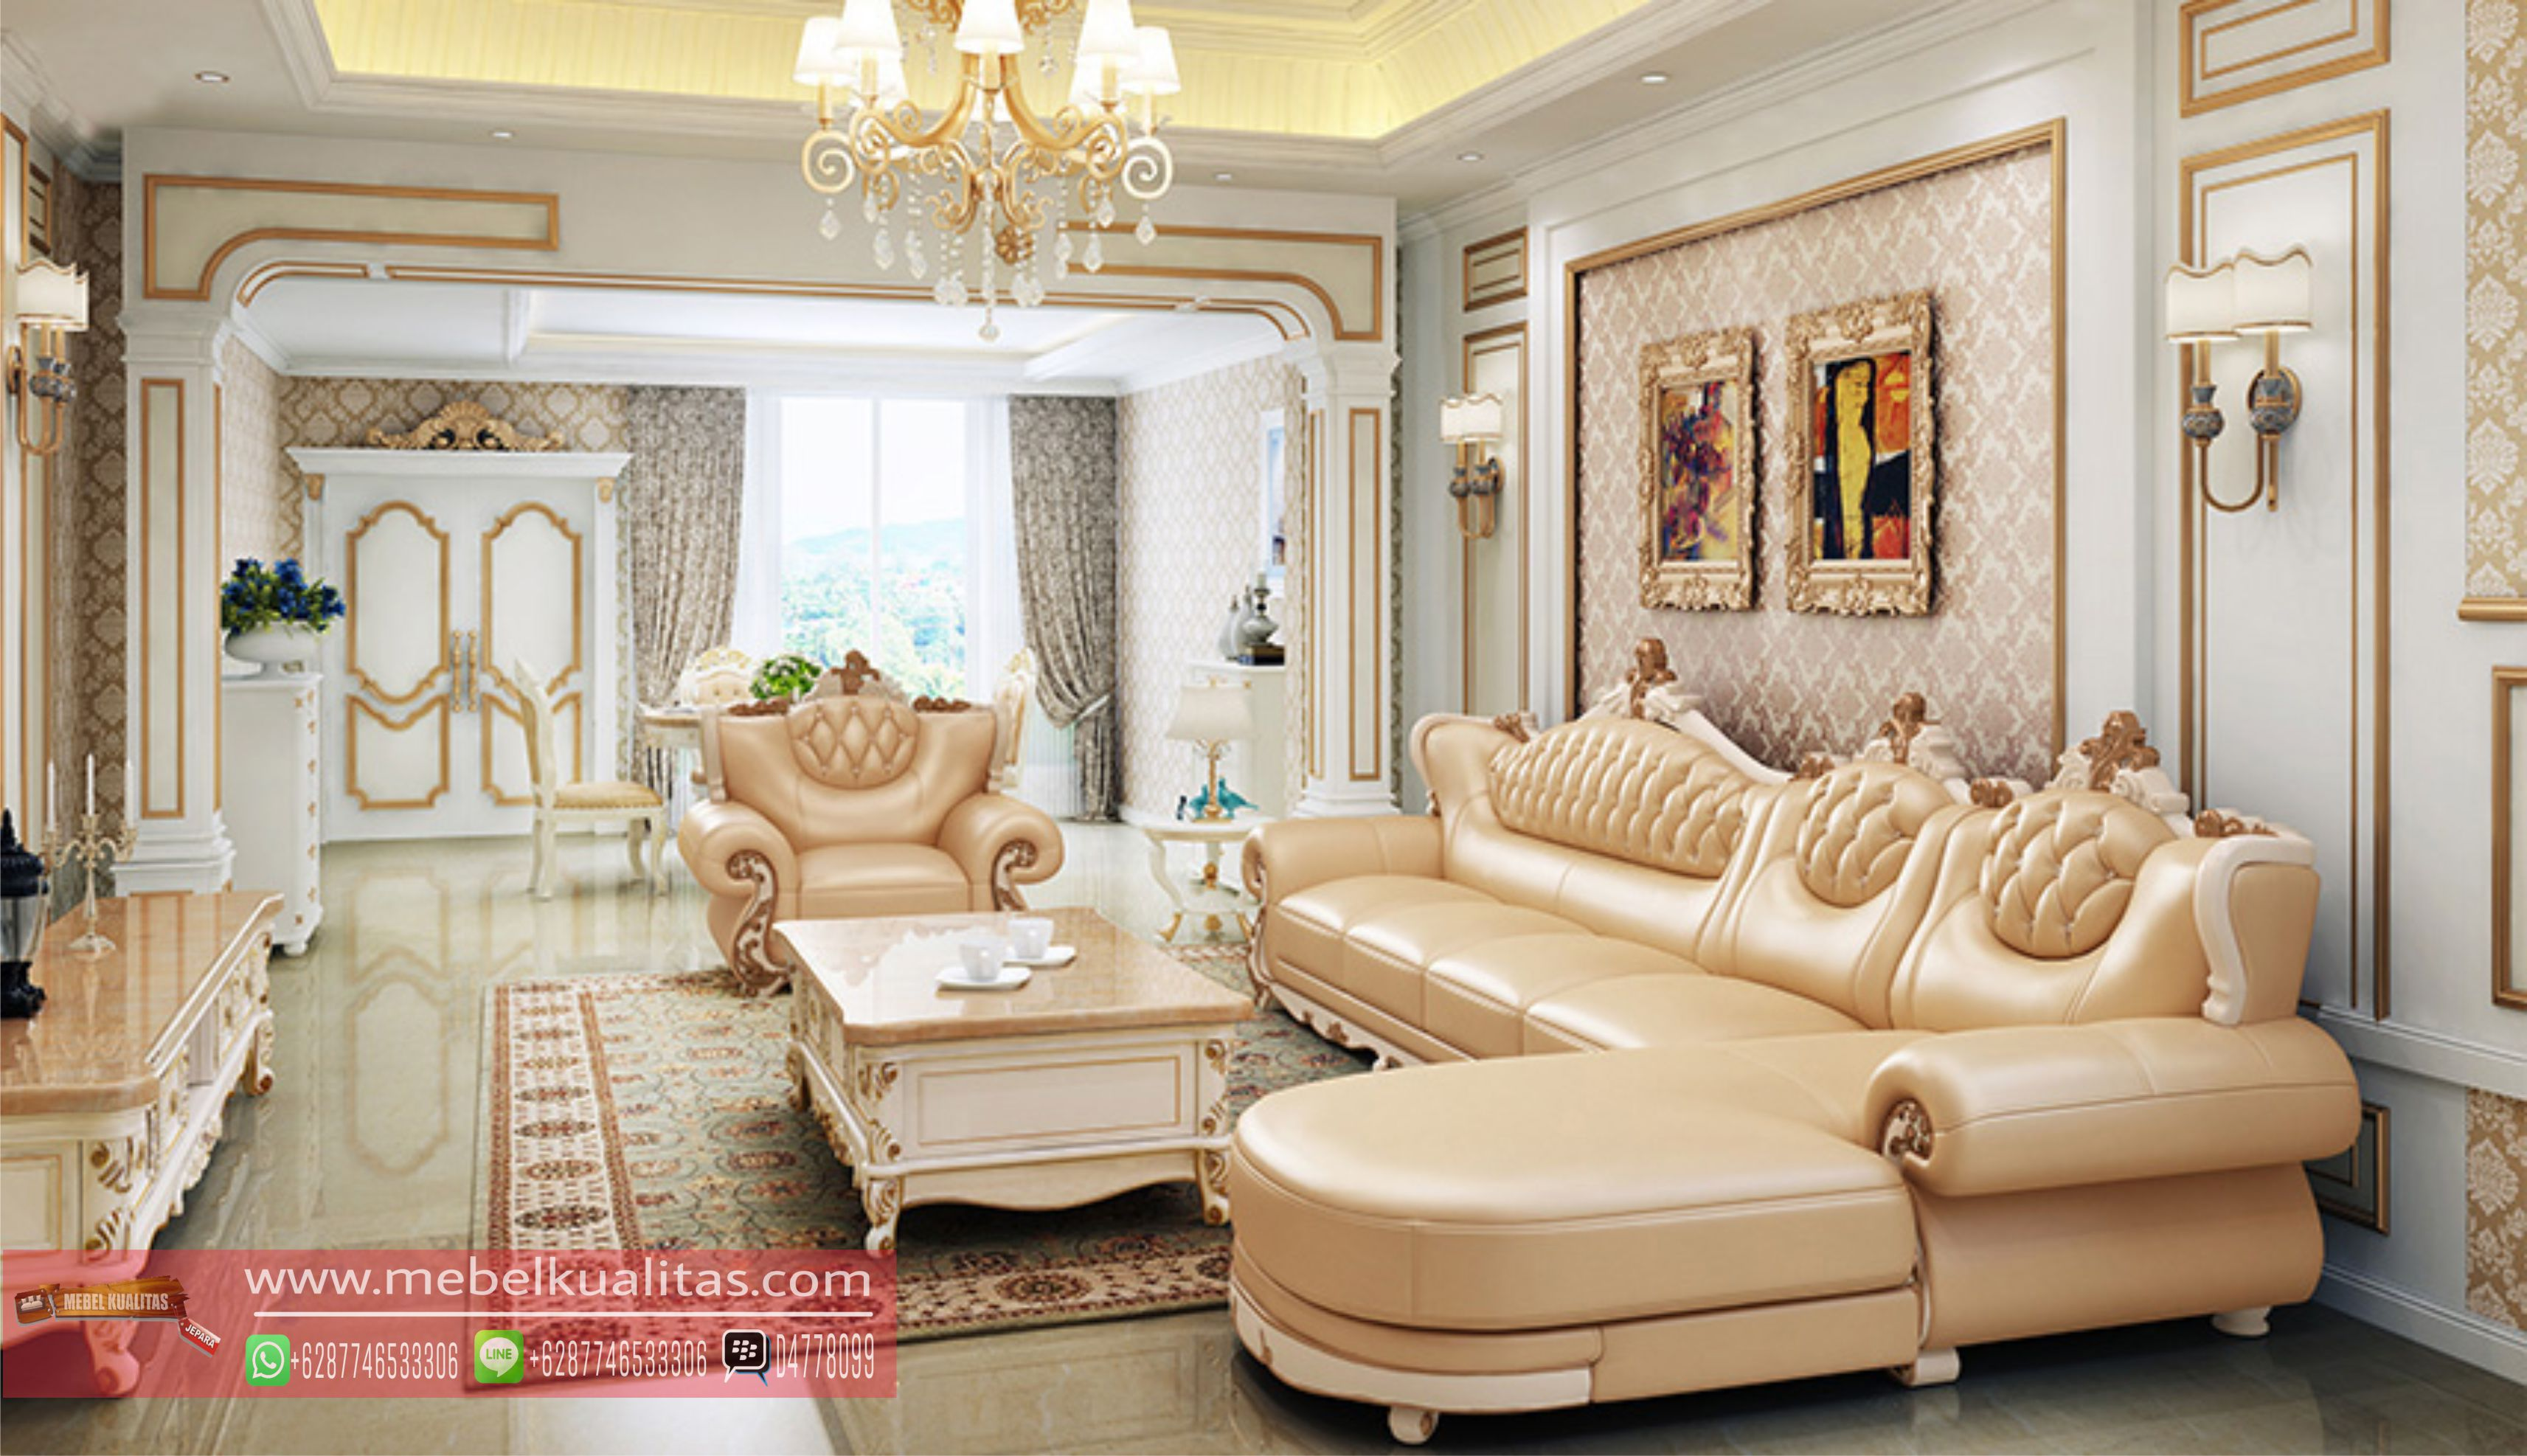 Kursi Sofa Sudut L Julliette Mewah Ukir Terbaru,kursi tamu mewah, kursi tamu model terbaru, kursi tamu modern, kursi tamu kayu, kursi tamu jati, kursi tamu minimalis, kursi tamu sofa, jual kursi tamu sofa, katalog kursi tamu sofa, kursi sofa untuk ruang tamu, kursi tamu atau sofa, kursi tamu sofa klasik, set kursi tamu klasik mewah, kursi sofa tamu jati, kursi tamu sofa mewah, set meja kursi tamu, set kursi tamu kayu, set kursi tamu, kursi tamu sofa mewah, kursi tamu sofa elit, kursi tamu sofa ukiran, kursi tamu sofa terbaru, set kursi tamu sofa, set kursi sofa tamu, set kursi ruang tamu, desain kursi tamu sofa, desain kursi tamu, harga kursi tamu sofa, gambar kursi sofa, harga kursi tamu sofa, model kursi tamu kayu, model kursi tamu atau sofa, kursi tamu jati minimalis, sofa mewah, pasar, jepara, sentra, set, sofa, terbaik, ukir, berkualitas, termurah, terbaru, modern, terbaik, terlaris, jual, kualitas, mewah, harga, ekspor, furniture kursi tamu mewah, kursi tamu vintage, kursi tamu minimalis, kursi tamu sofa